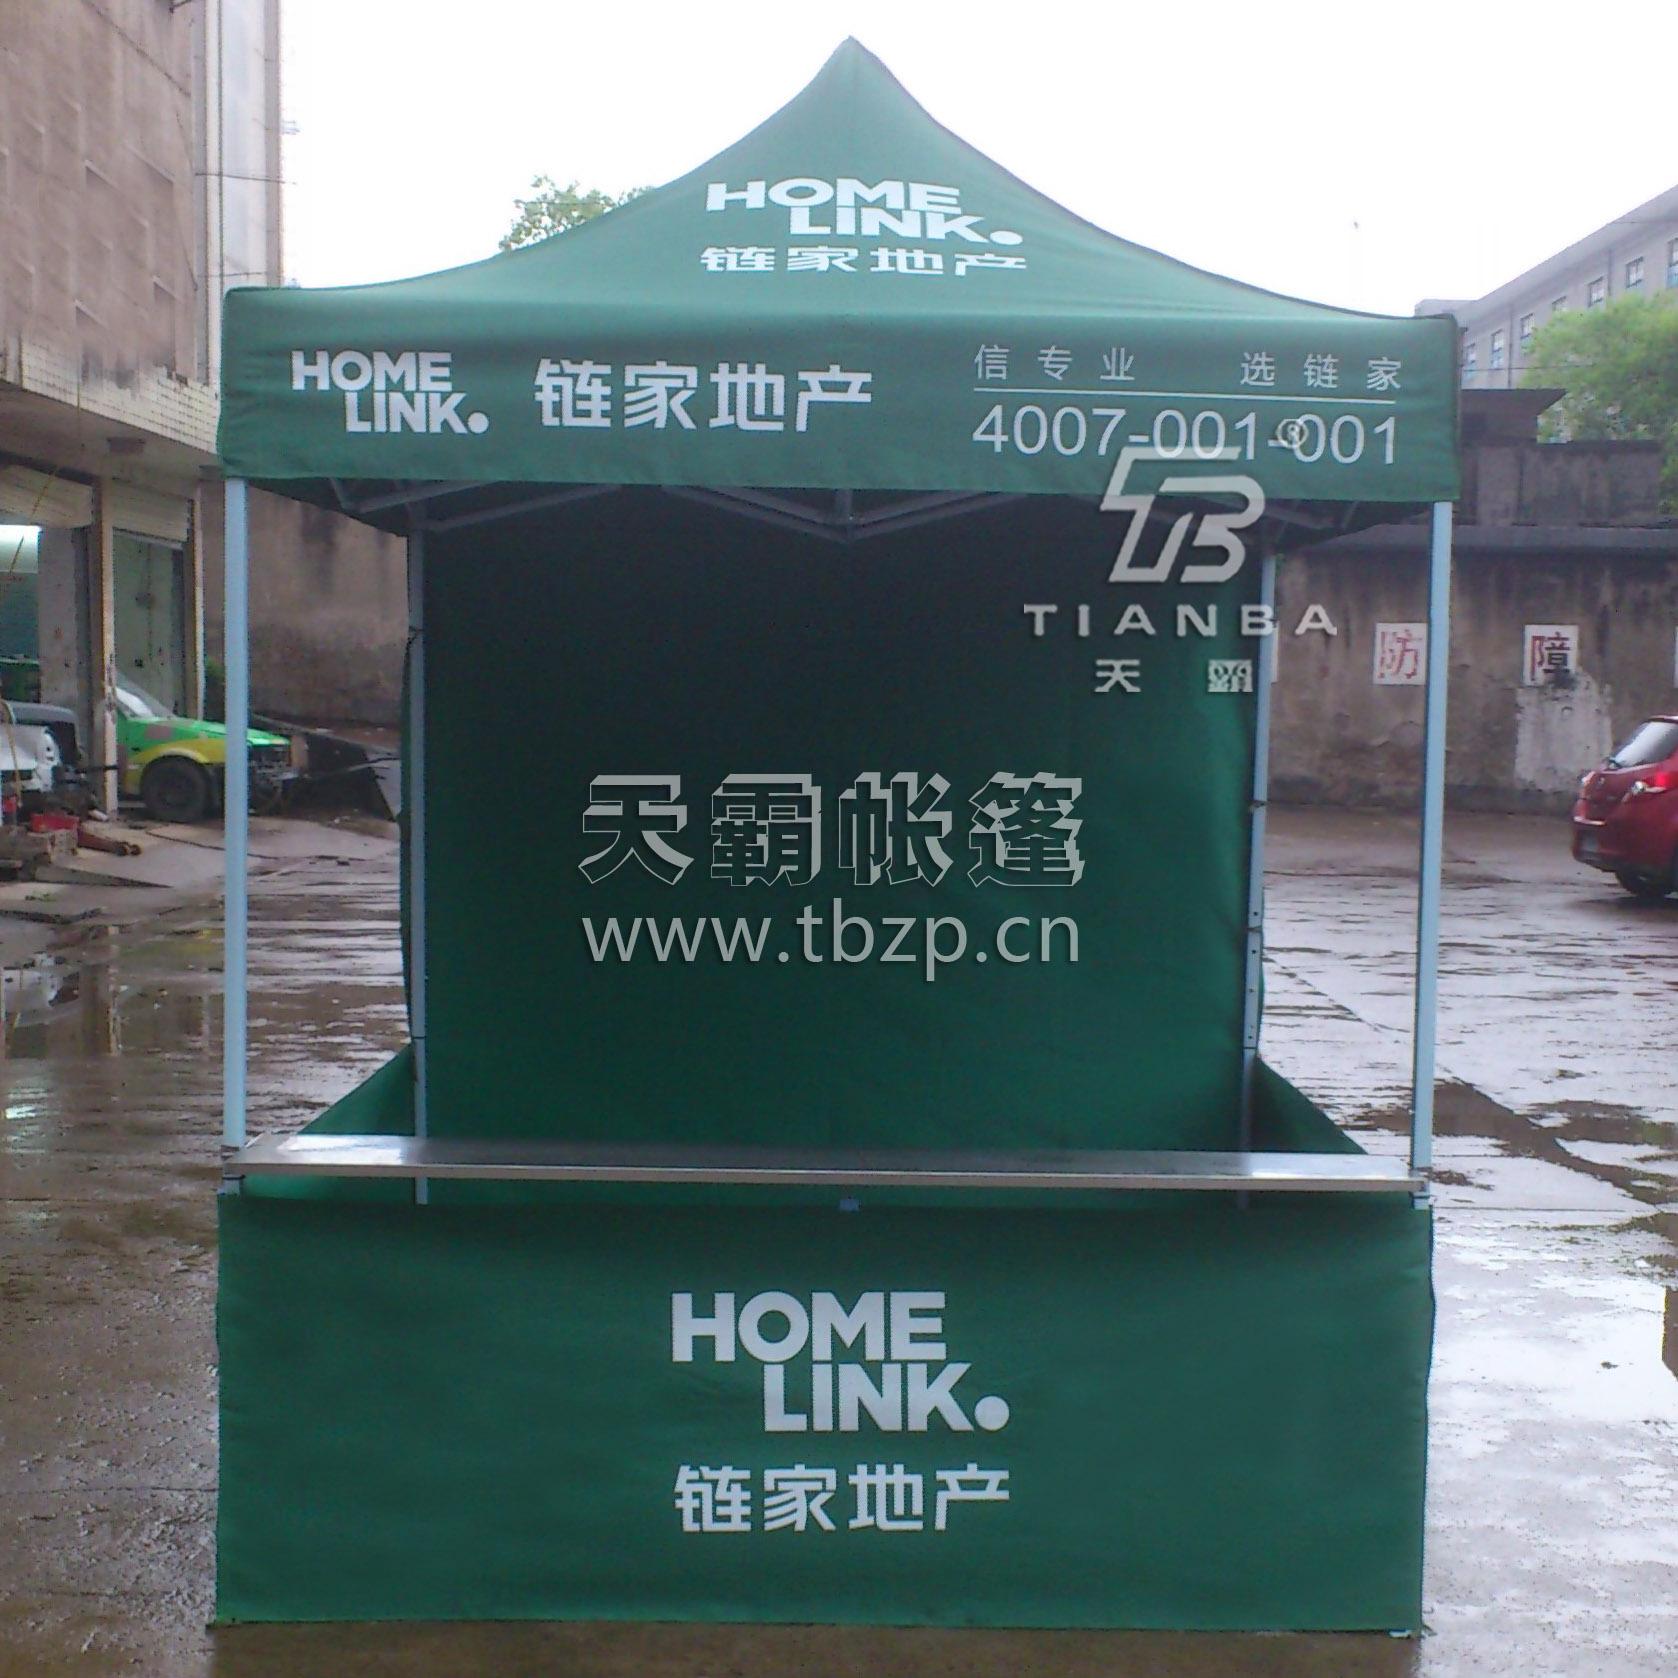 广告帐篷,长沙广告帐篷,湖南广告帐篷-长沙天霸帐篷